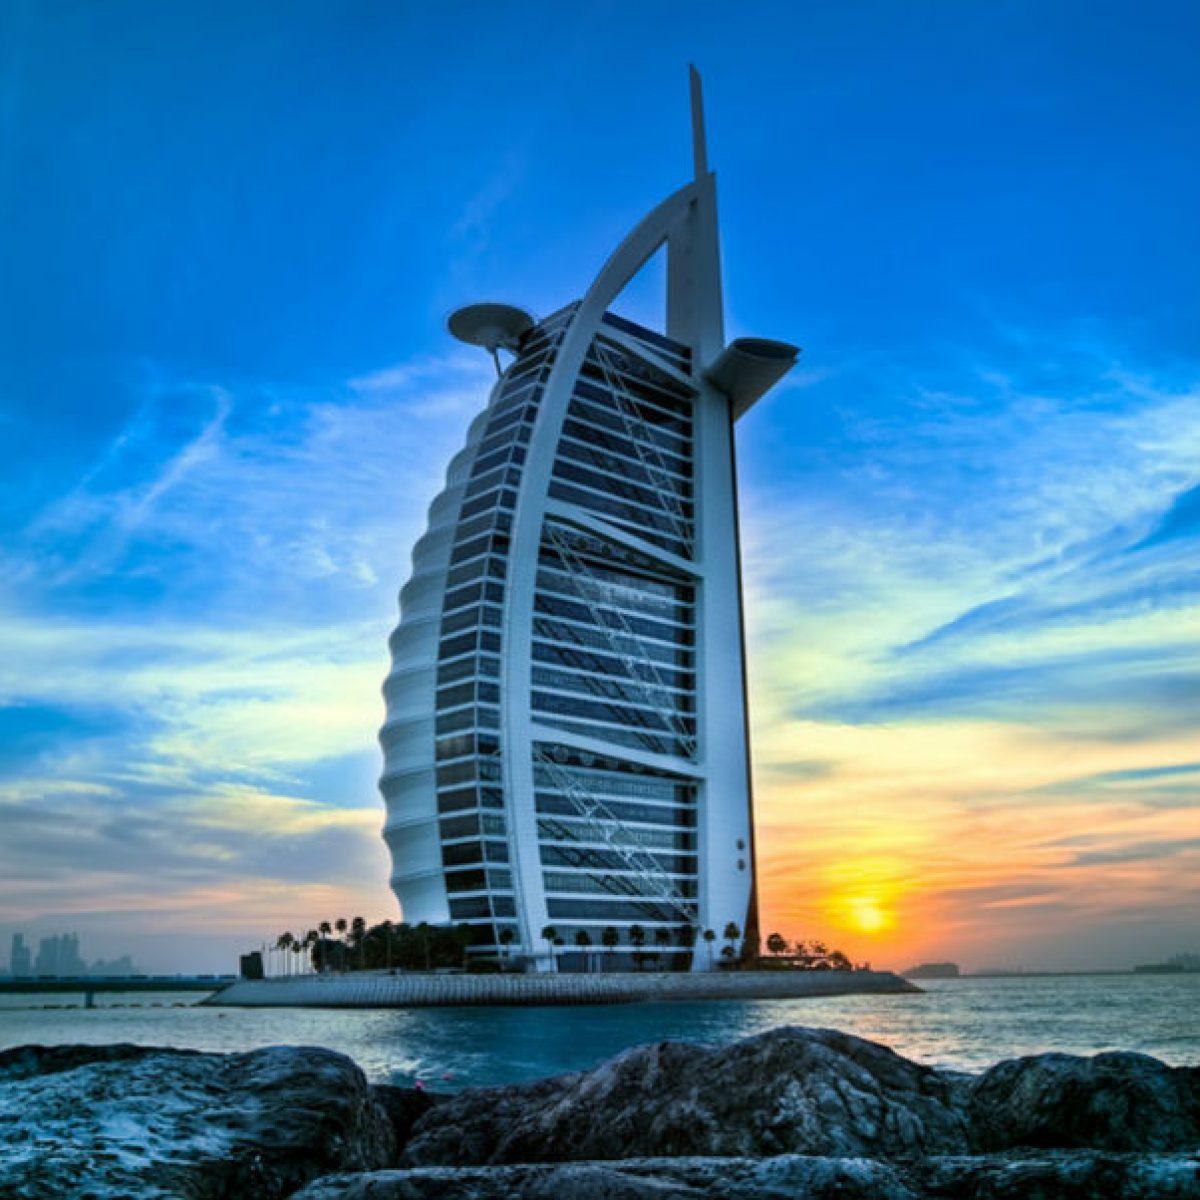 hote-di-lusso-Burj-Al-Arab-Dubai